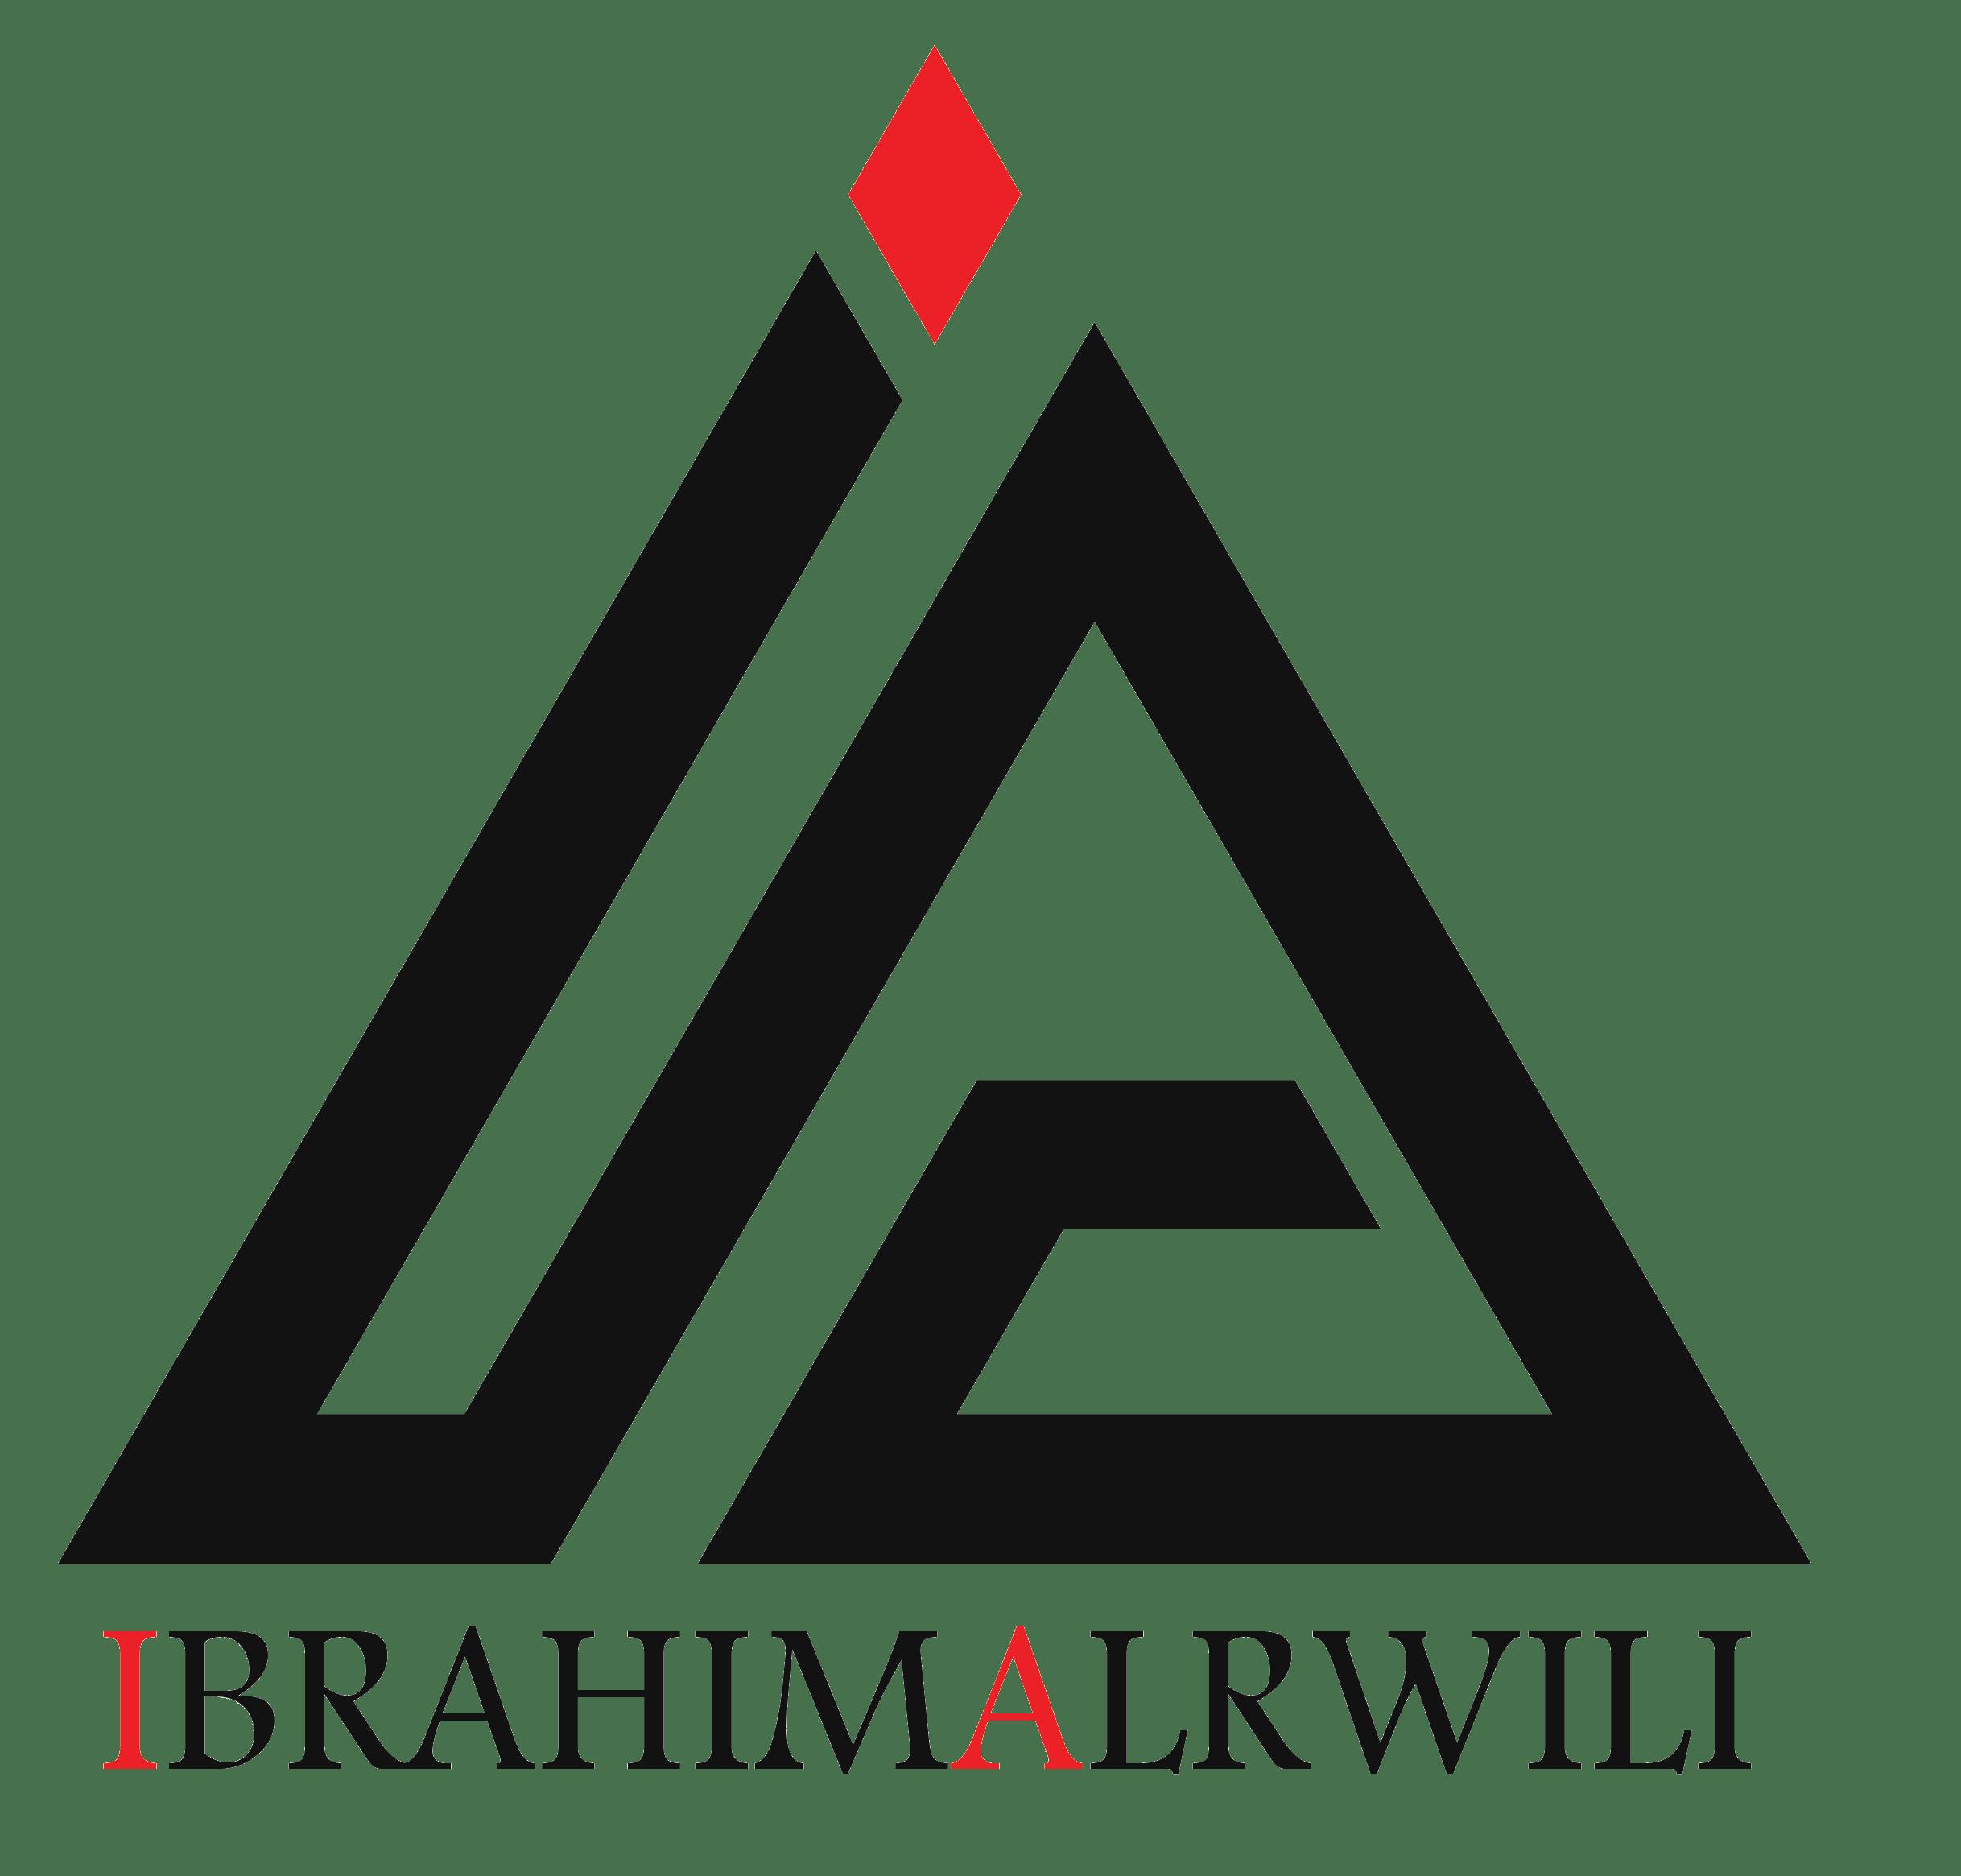 ابراهيم الرويلي